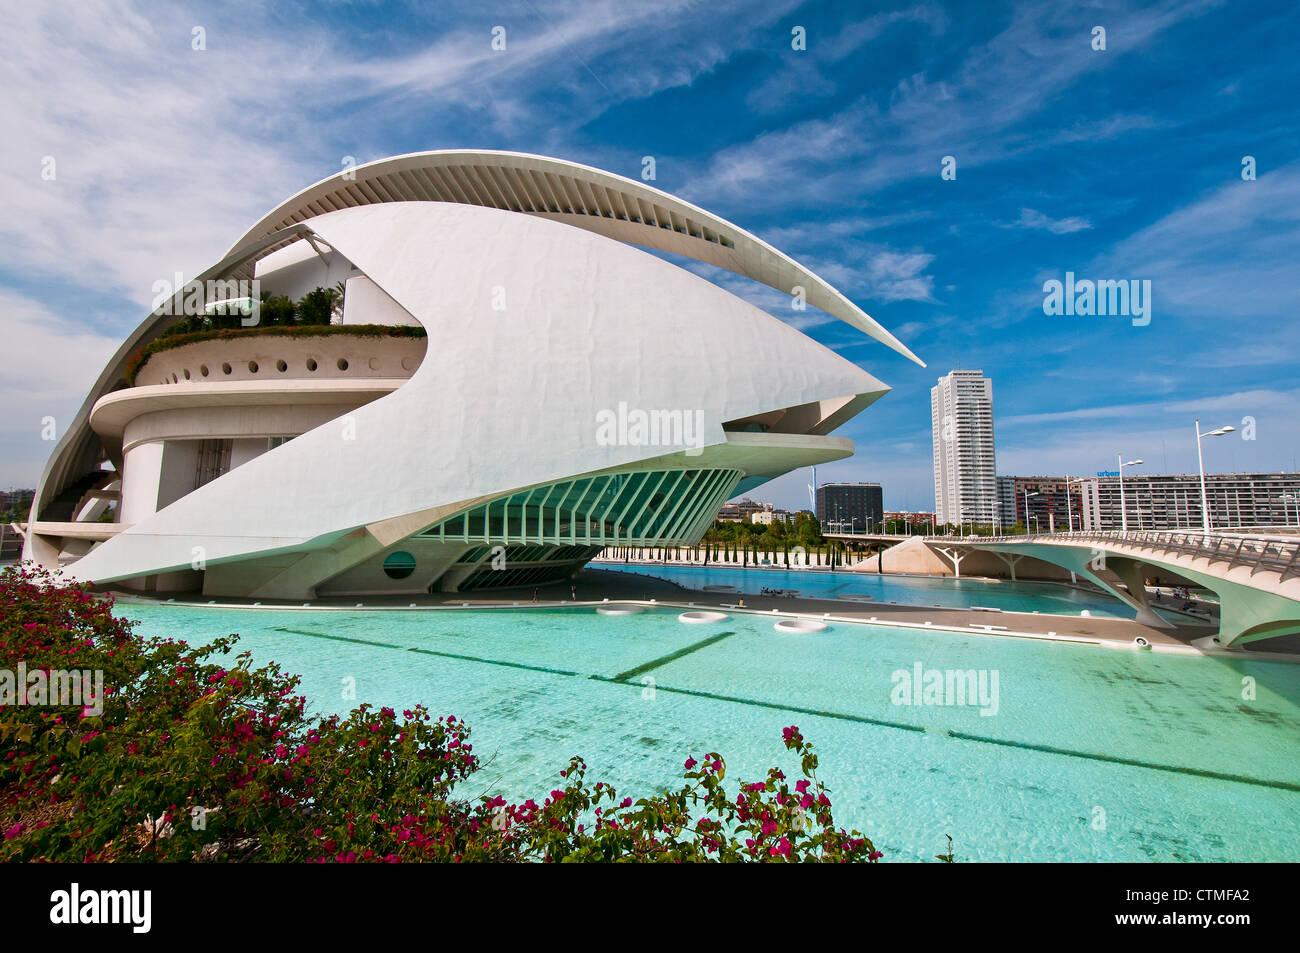 Palau de les Arts Reina Sofia, Ciudad de las Artes y las Ciencias (City of Arts and Sciences), Valencia, Spain - Stock Image